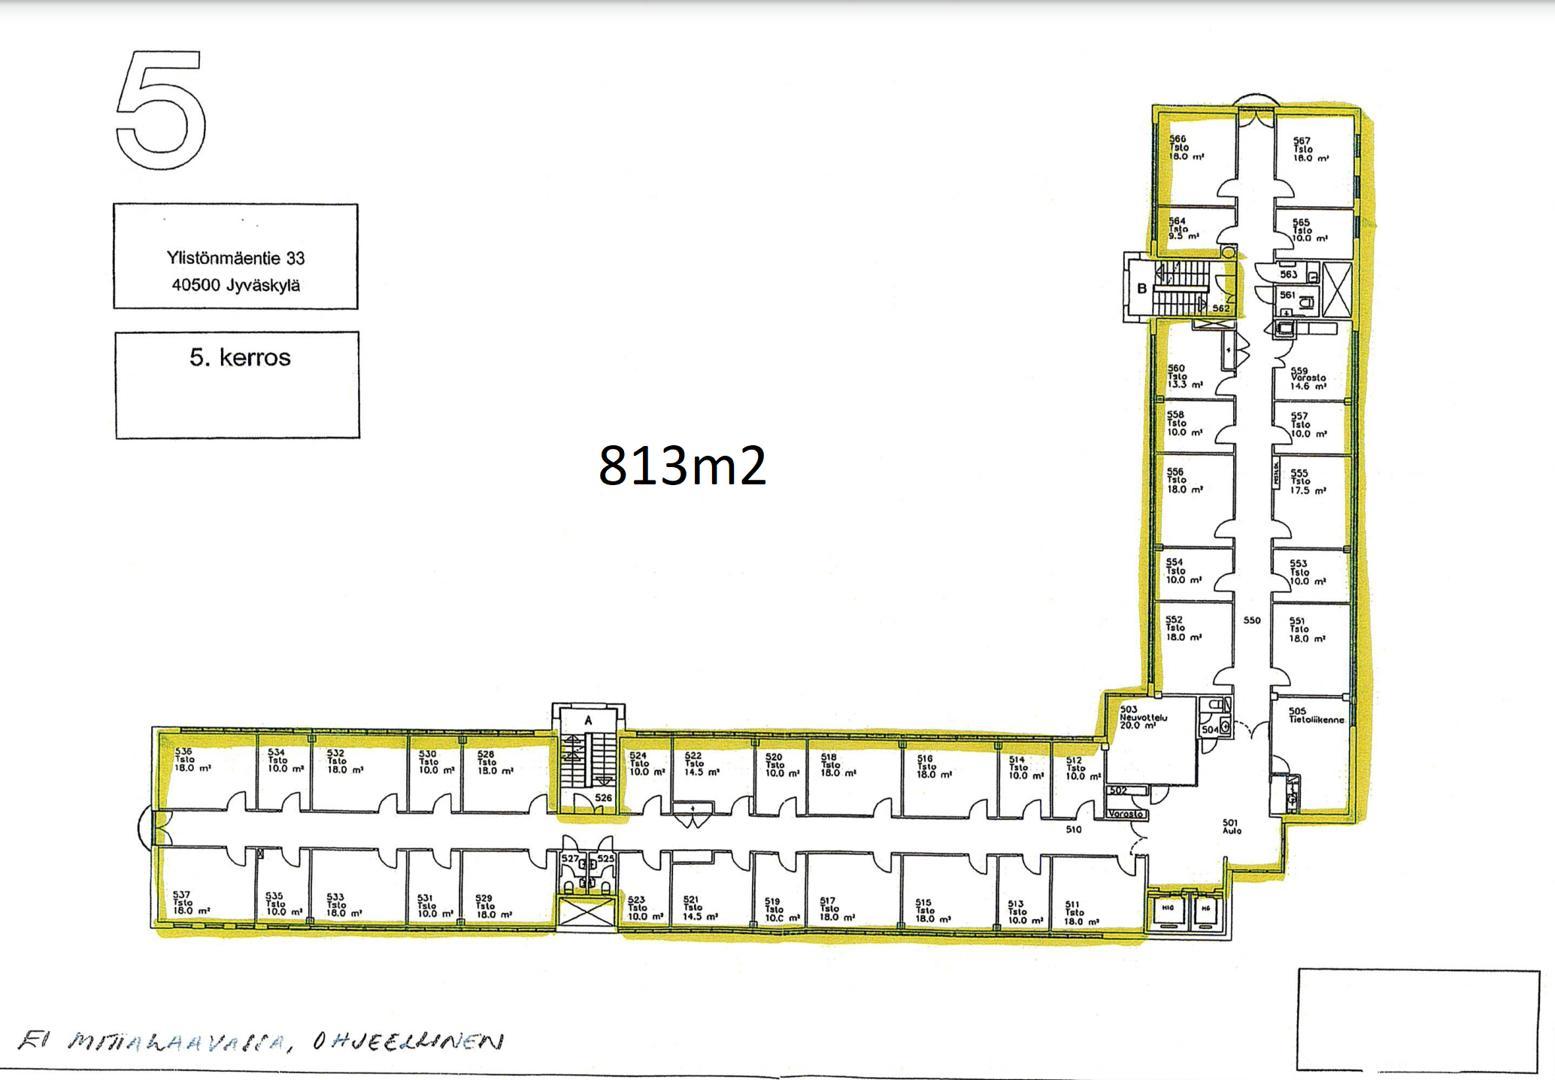 Ylistönmäentie 33 JYVÄSKYLÄ, 813m2, 5. kerros, Toimistotila